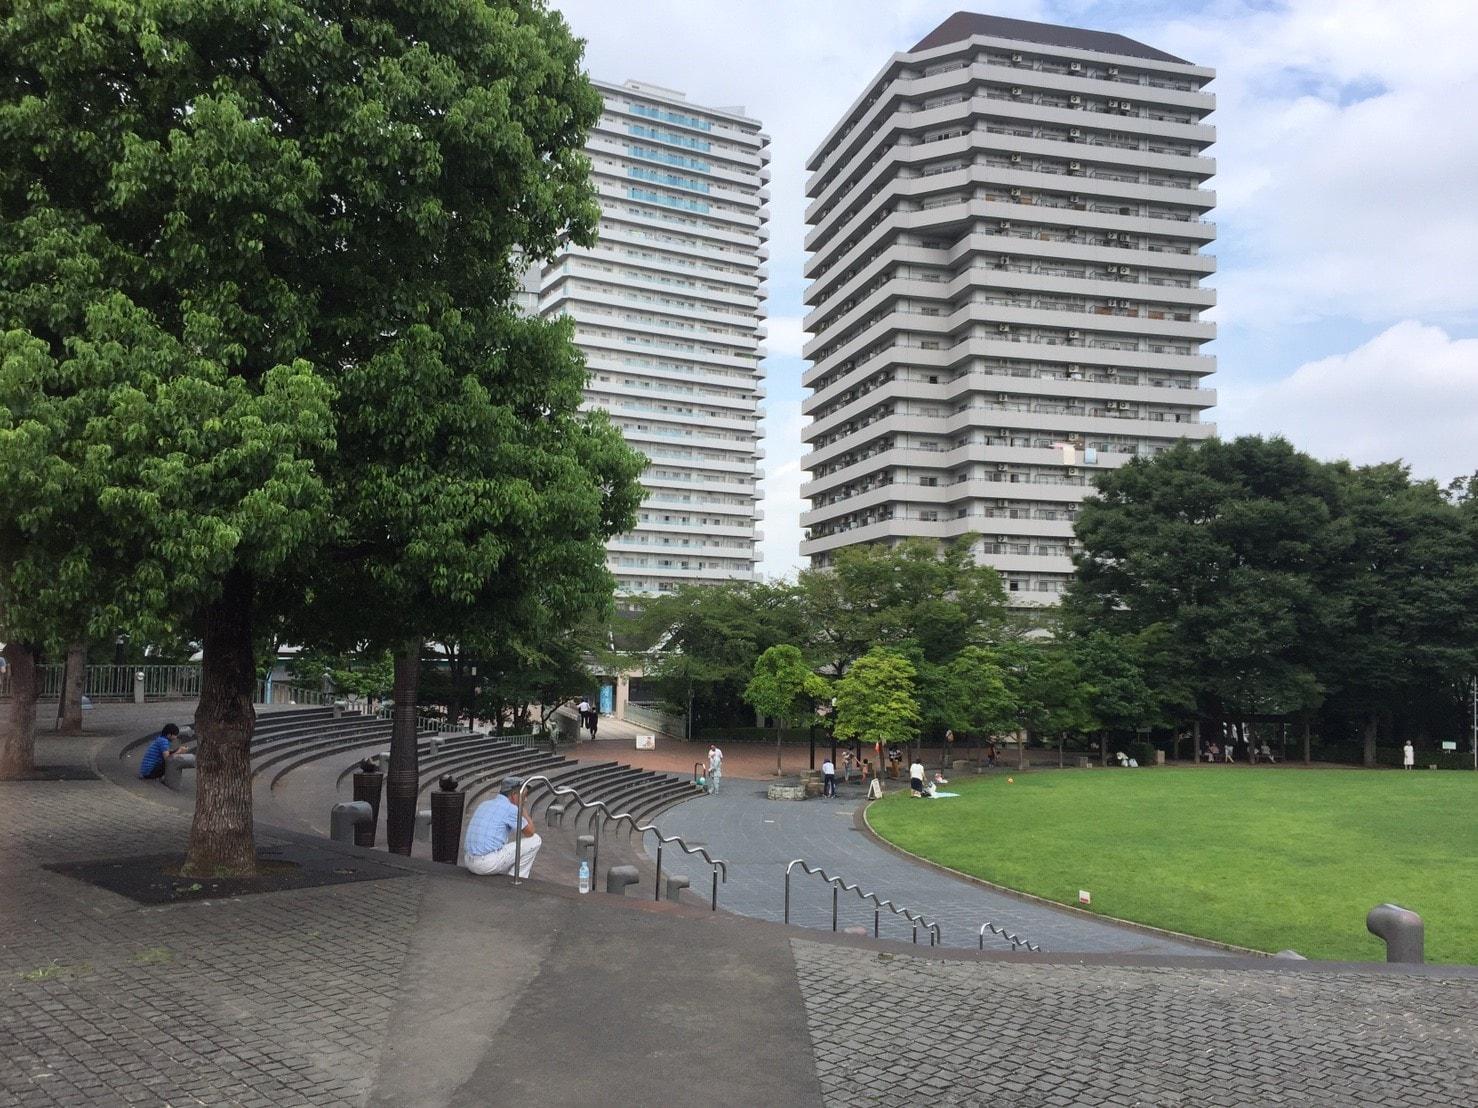 高層マンションが建ち並ぶ駅前